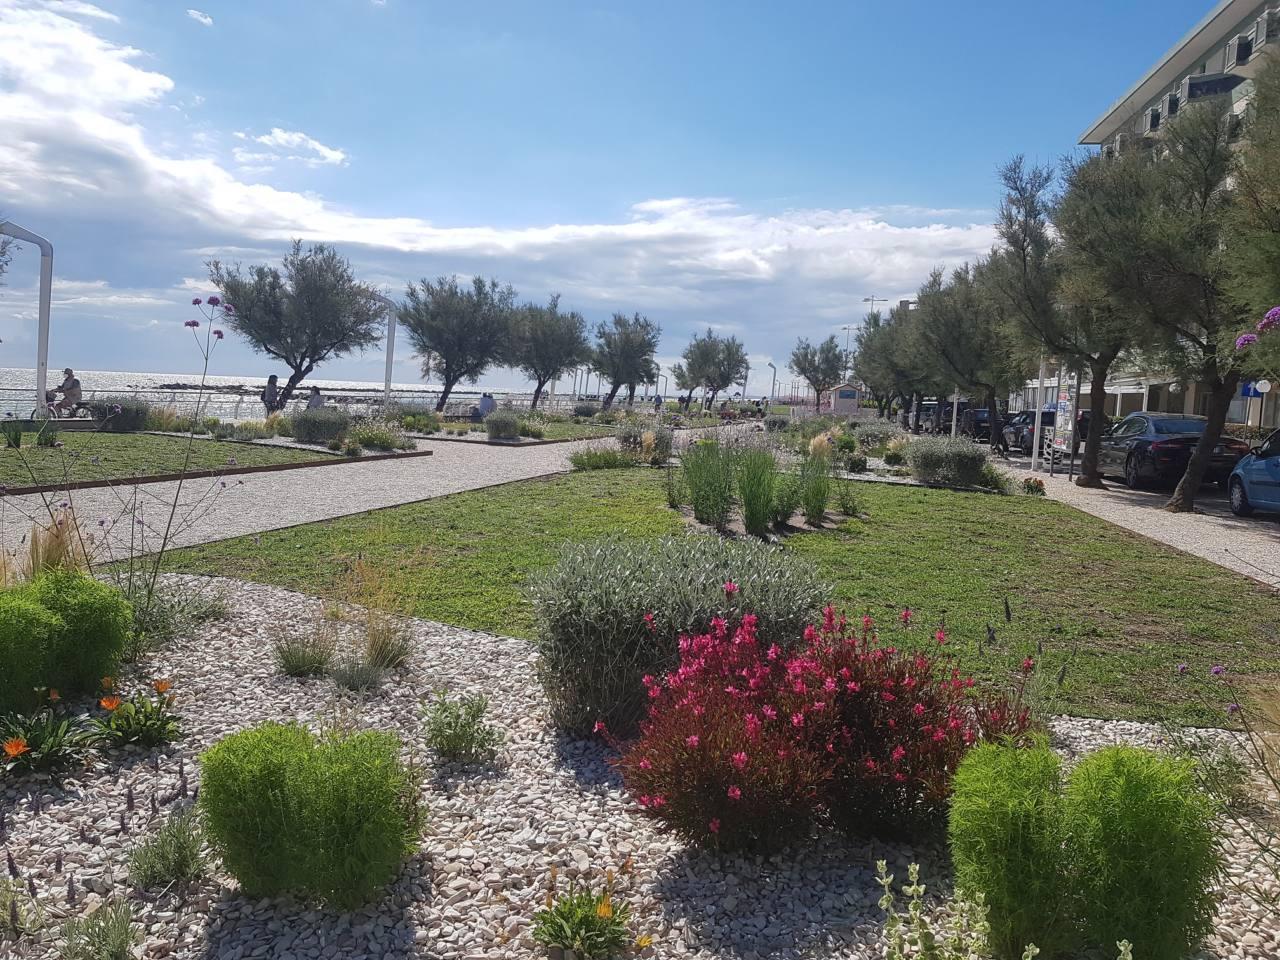 I giardini Nilde Jotti di Pesaro